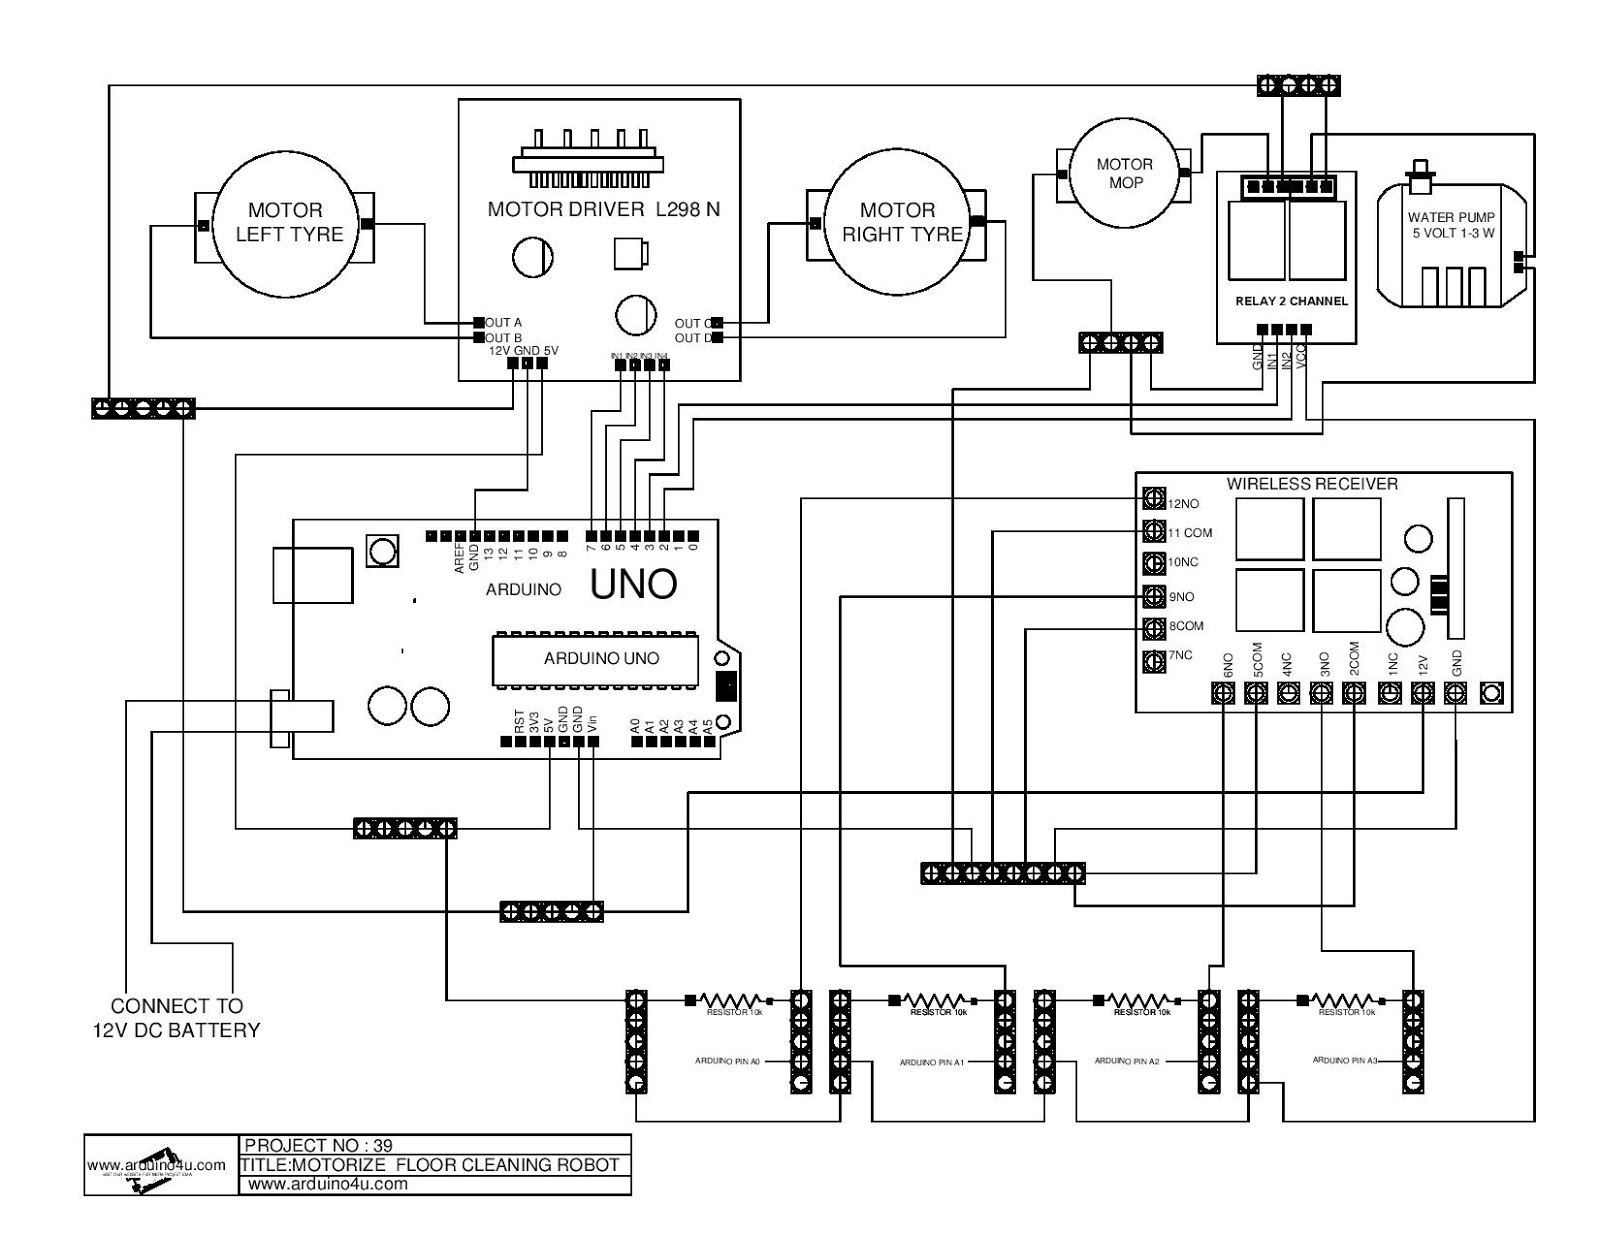 medium resolution of klik disini untuk download schematic diagram yg jelas utk print